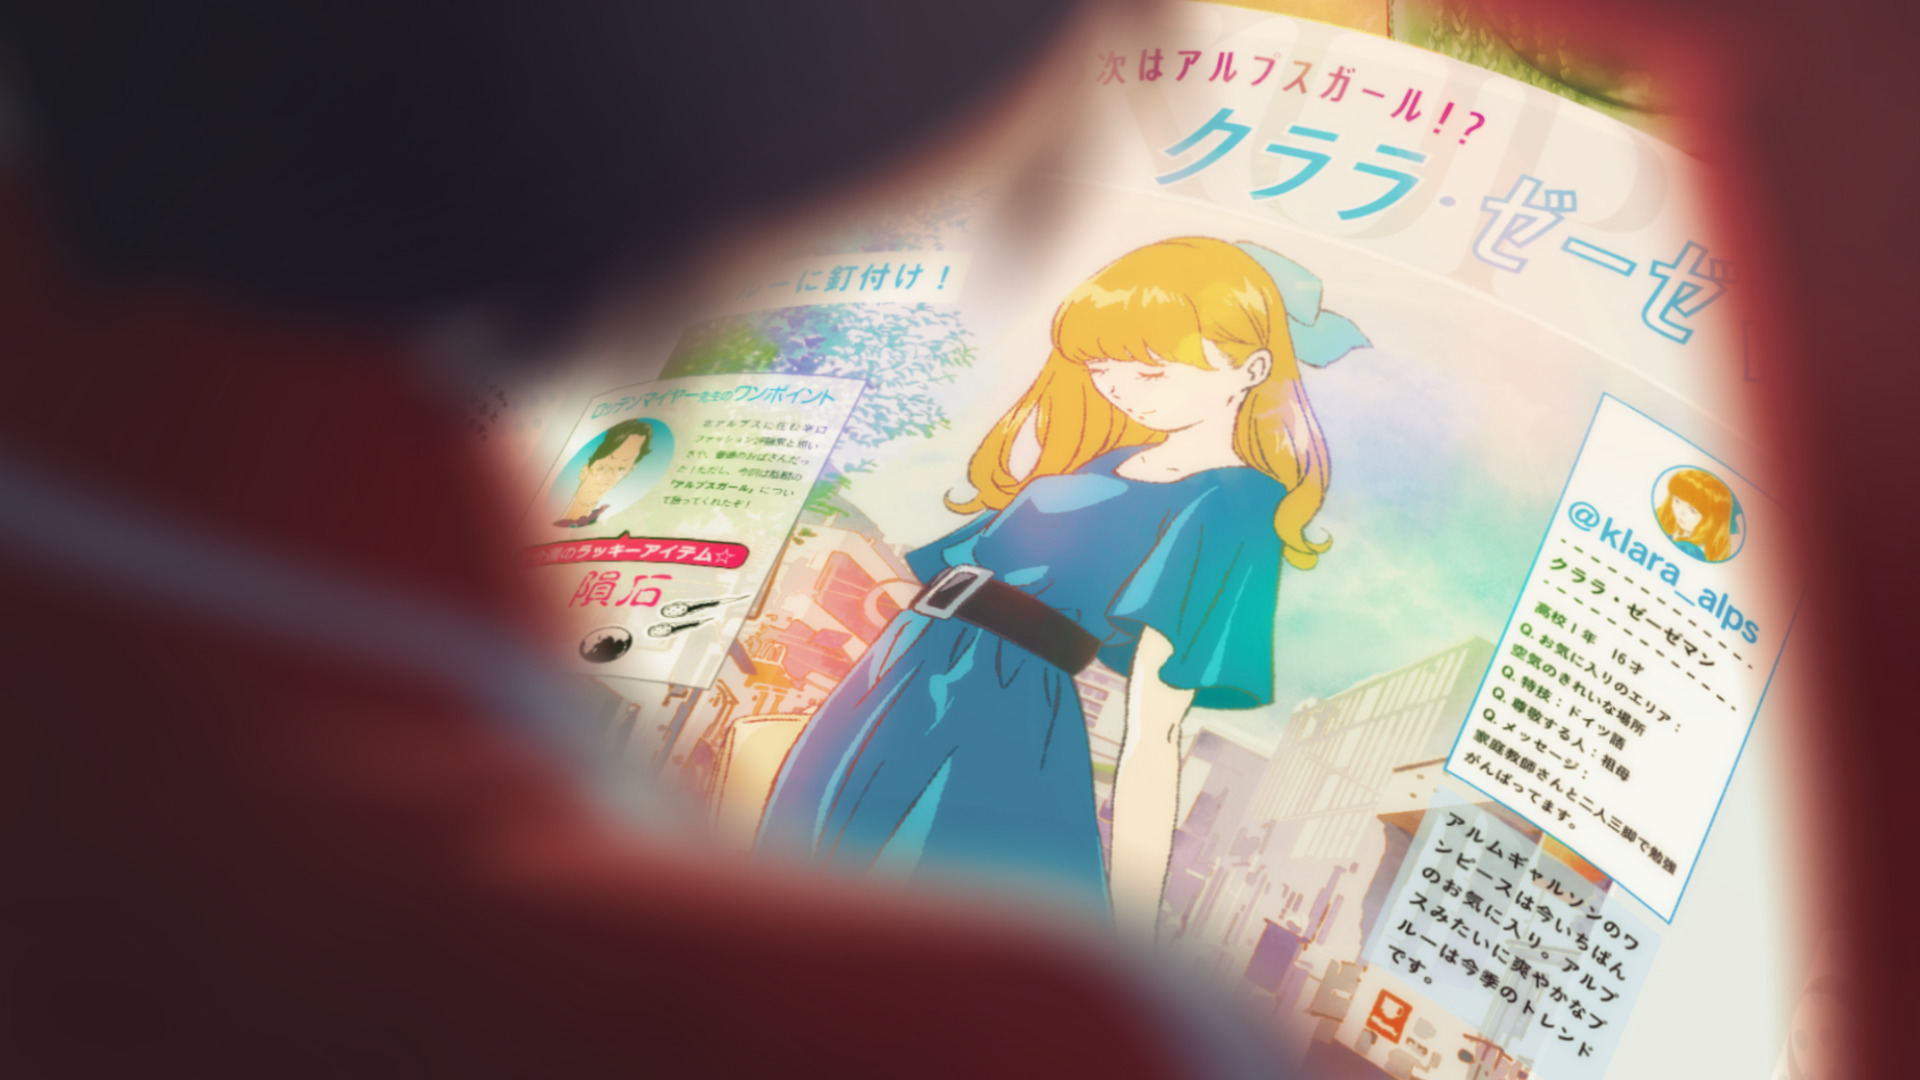 『HUNGRY DAYS アルプスの少女ハイジ 篇』 (C)ZUIYO